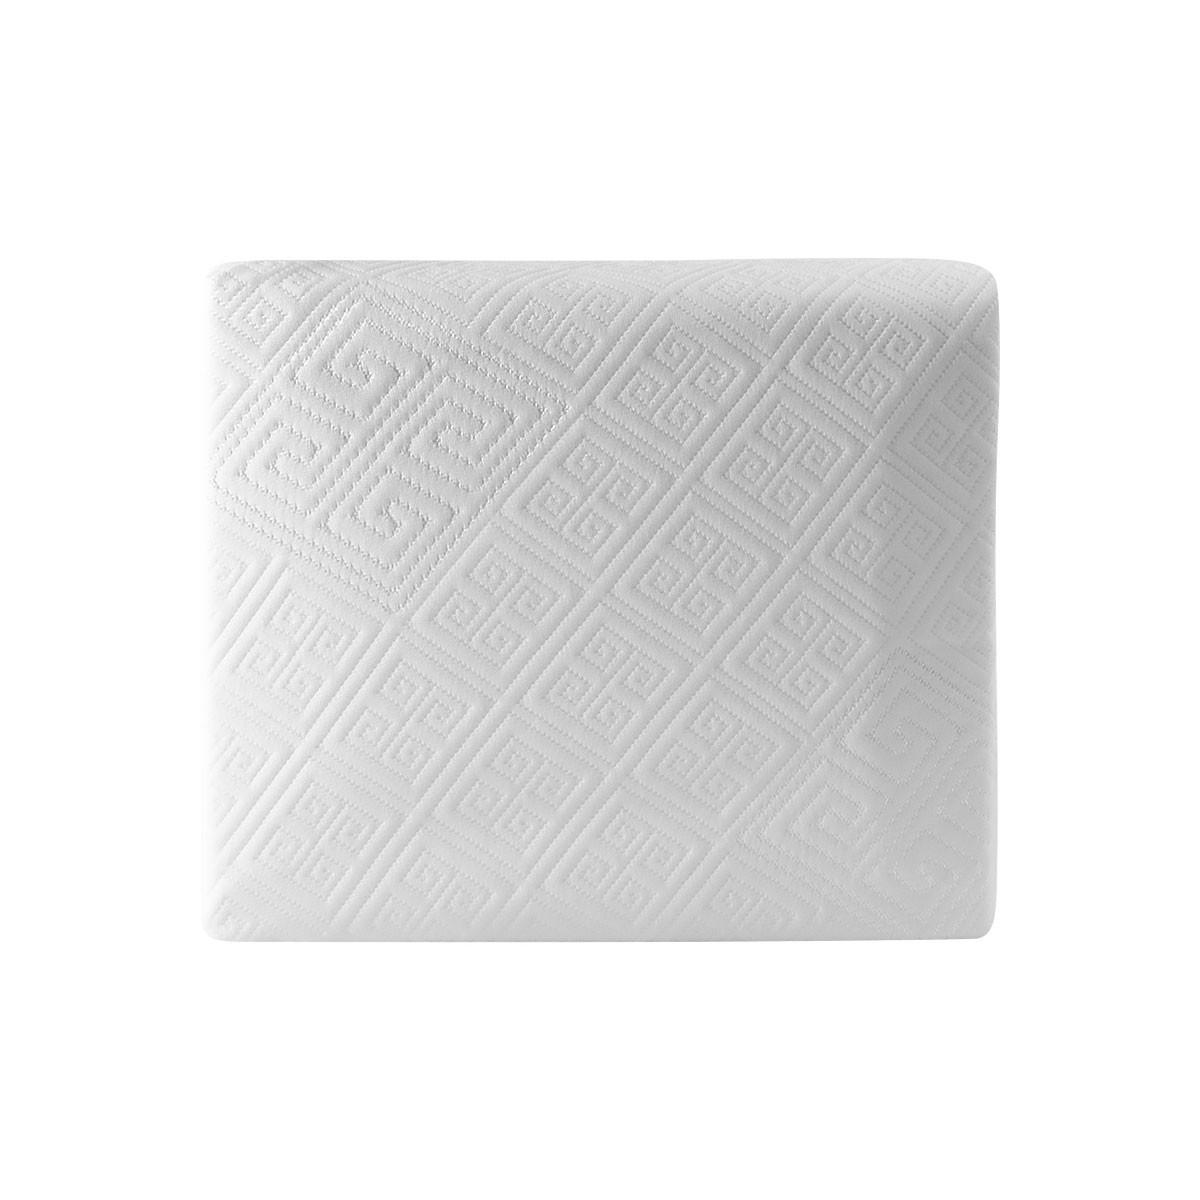 Protetor para Colchao Solteiro Impermeavel Juma Comfort 190 x 90cm - Branco